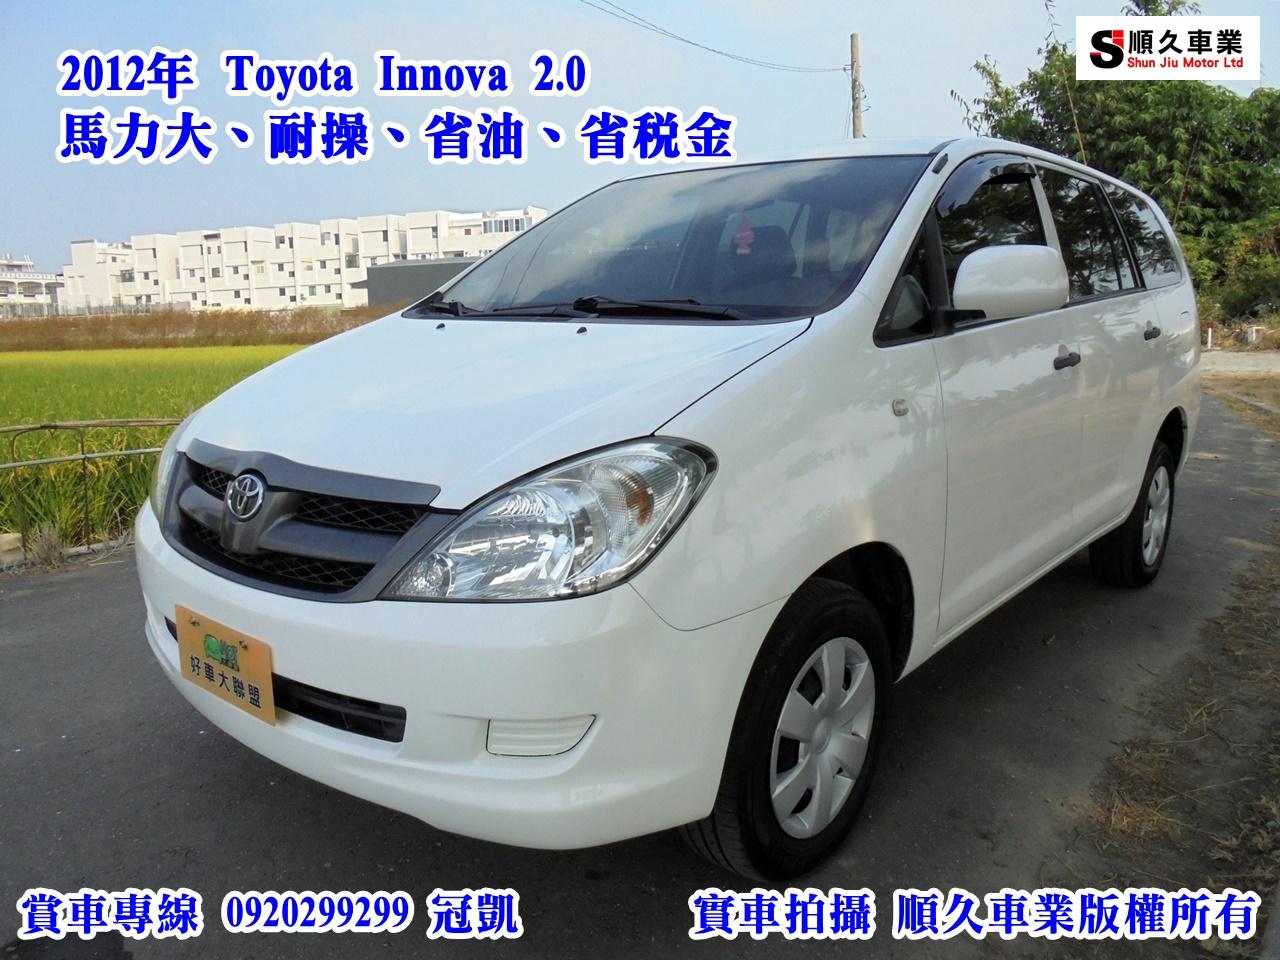 2012 Toyota Innova